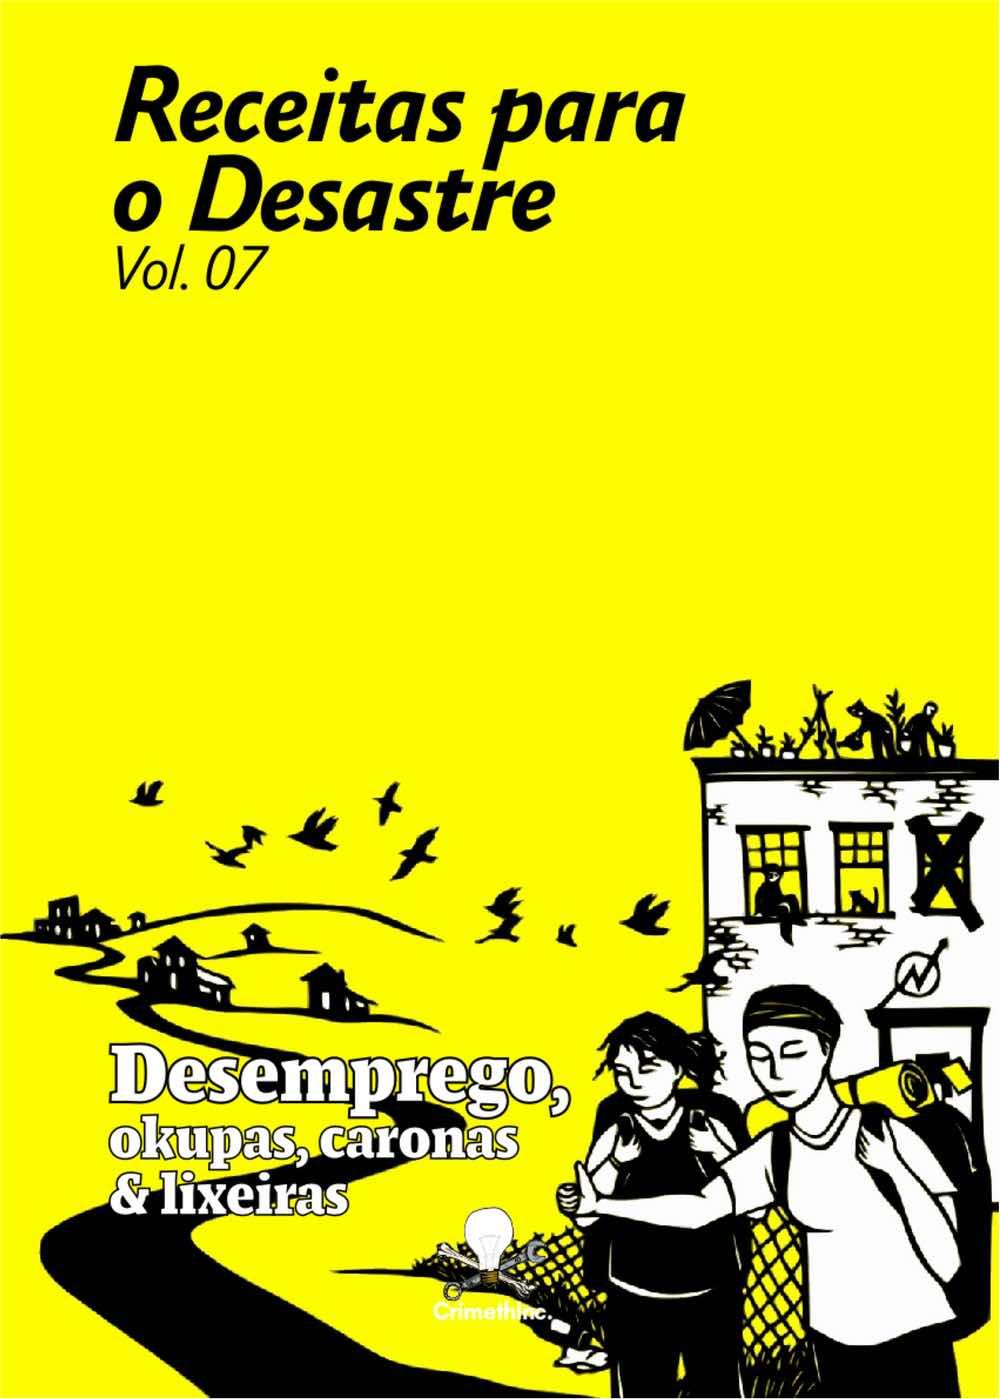 Photo of 'Receitas para o Desastre Vol. 07 (Portugues Brasileiro)' front cover